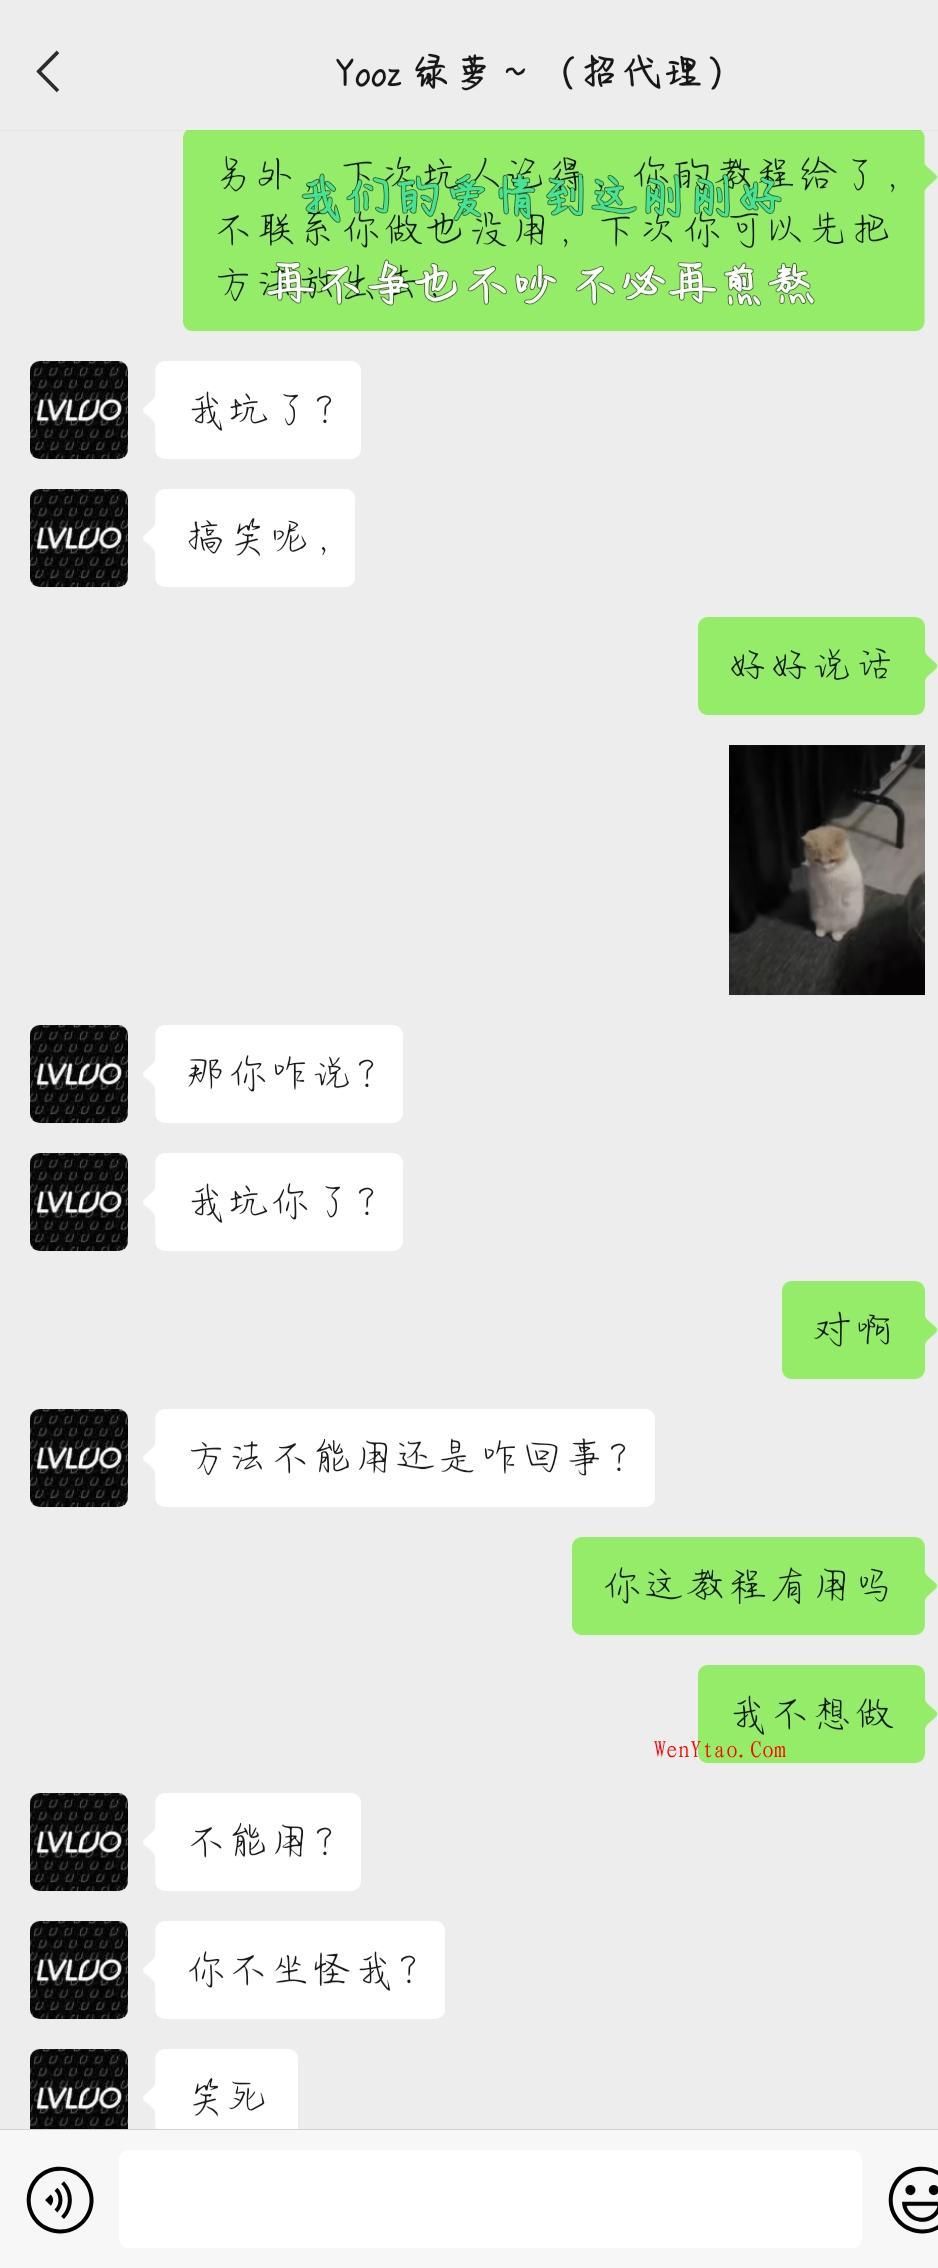 套路狗 QQ 1901863989 手机号码 18336929416 第5张